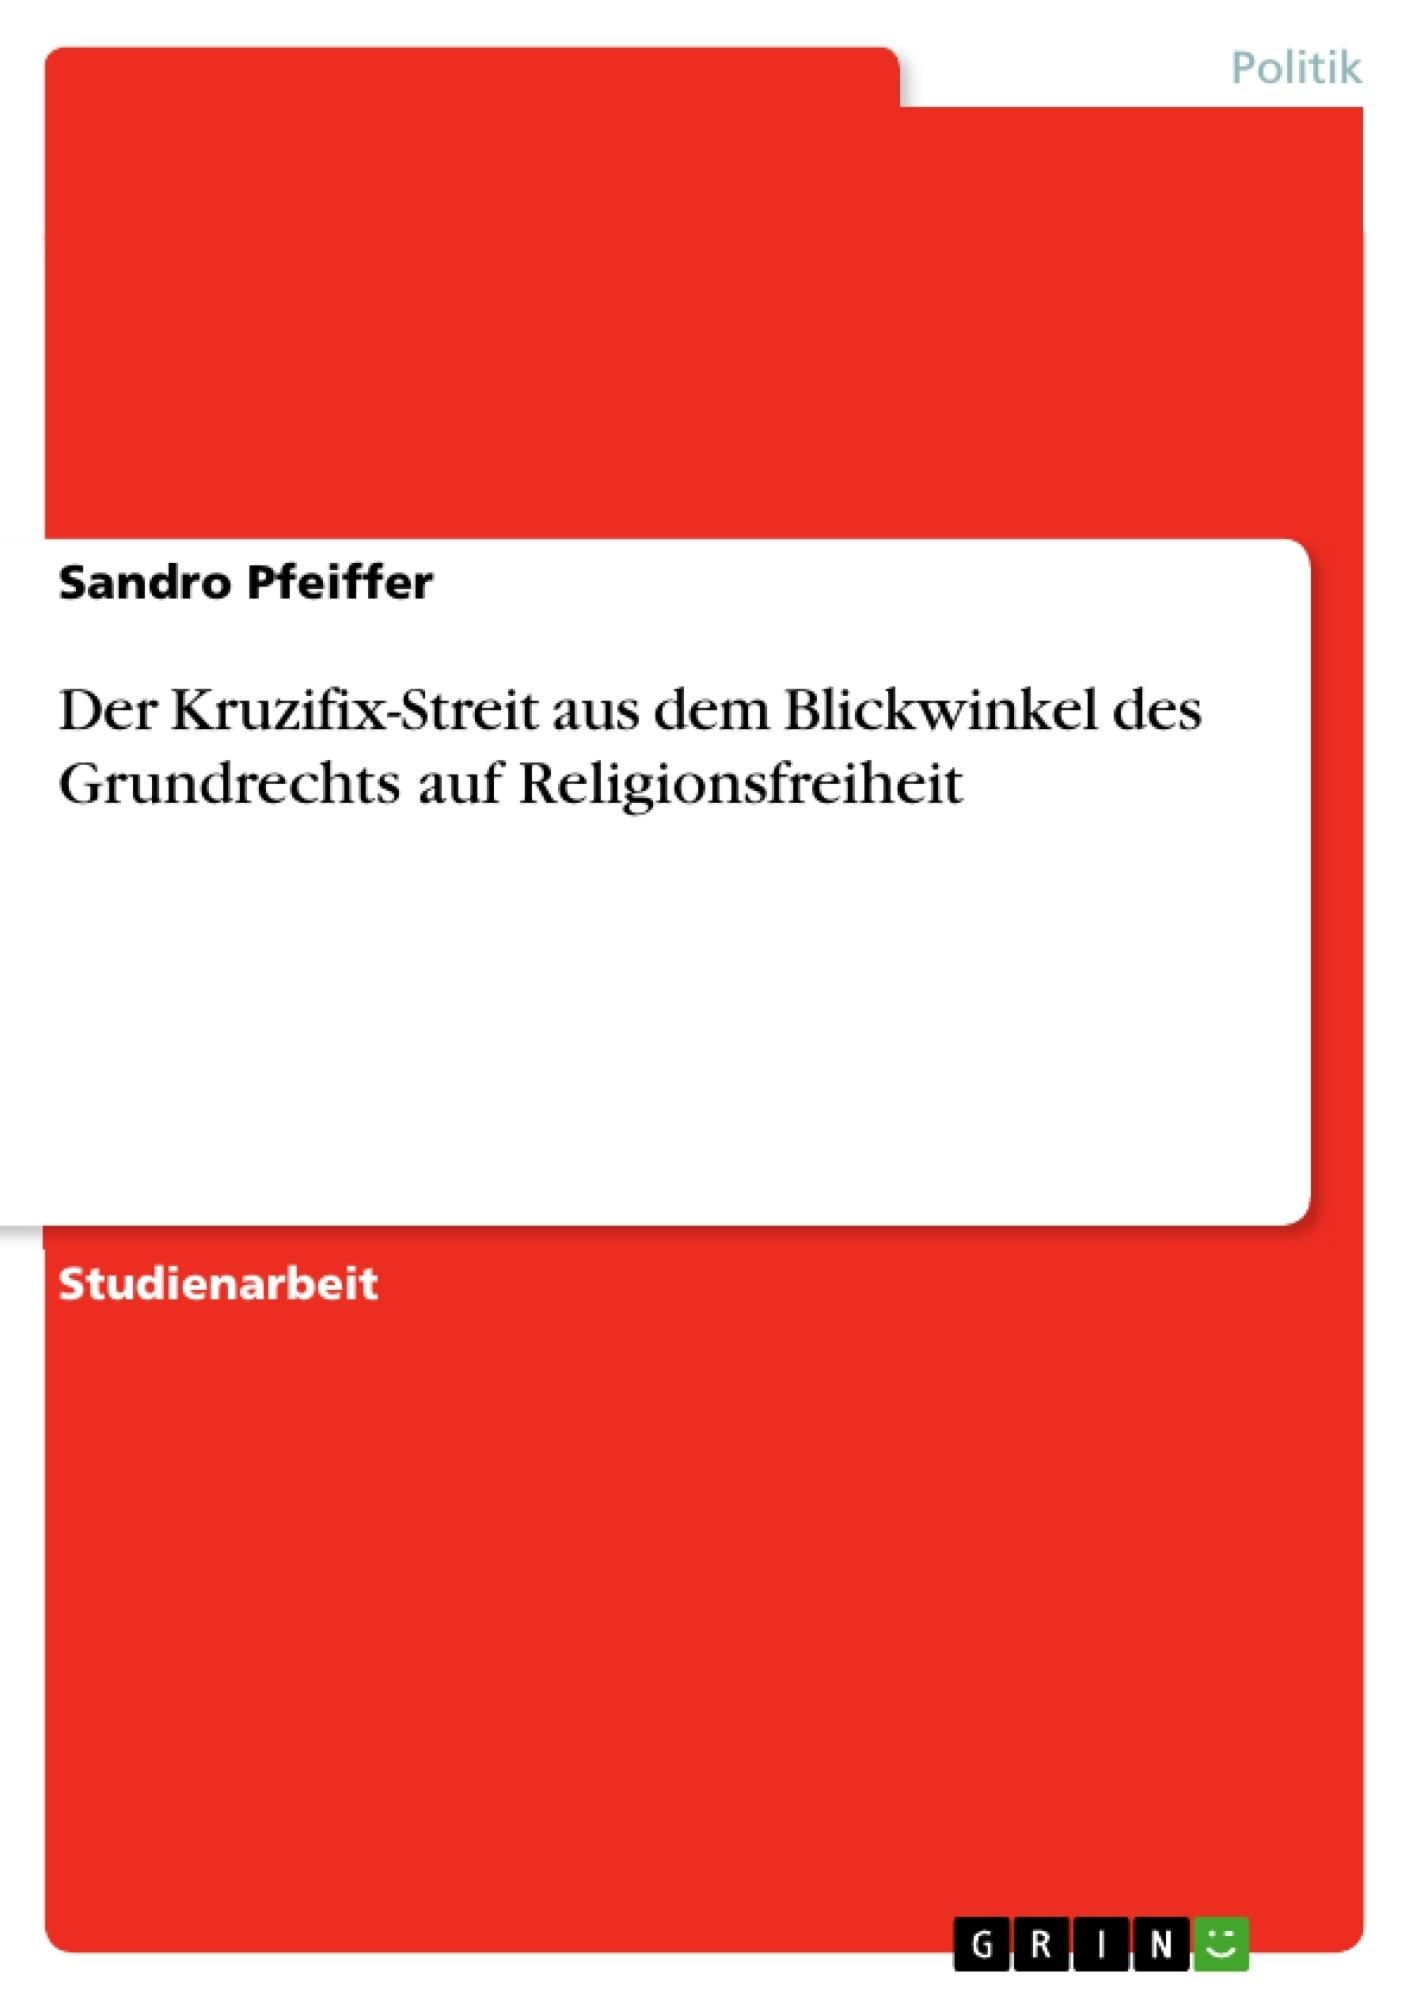 Titel: Der Kruzifix-Streit aus dem Blickwinkel des Grundrechts auf Religionsfreiheit